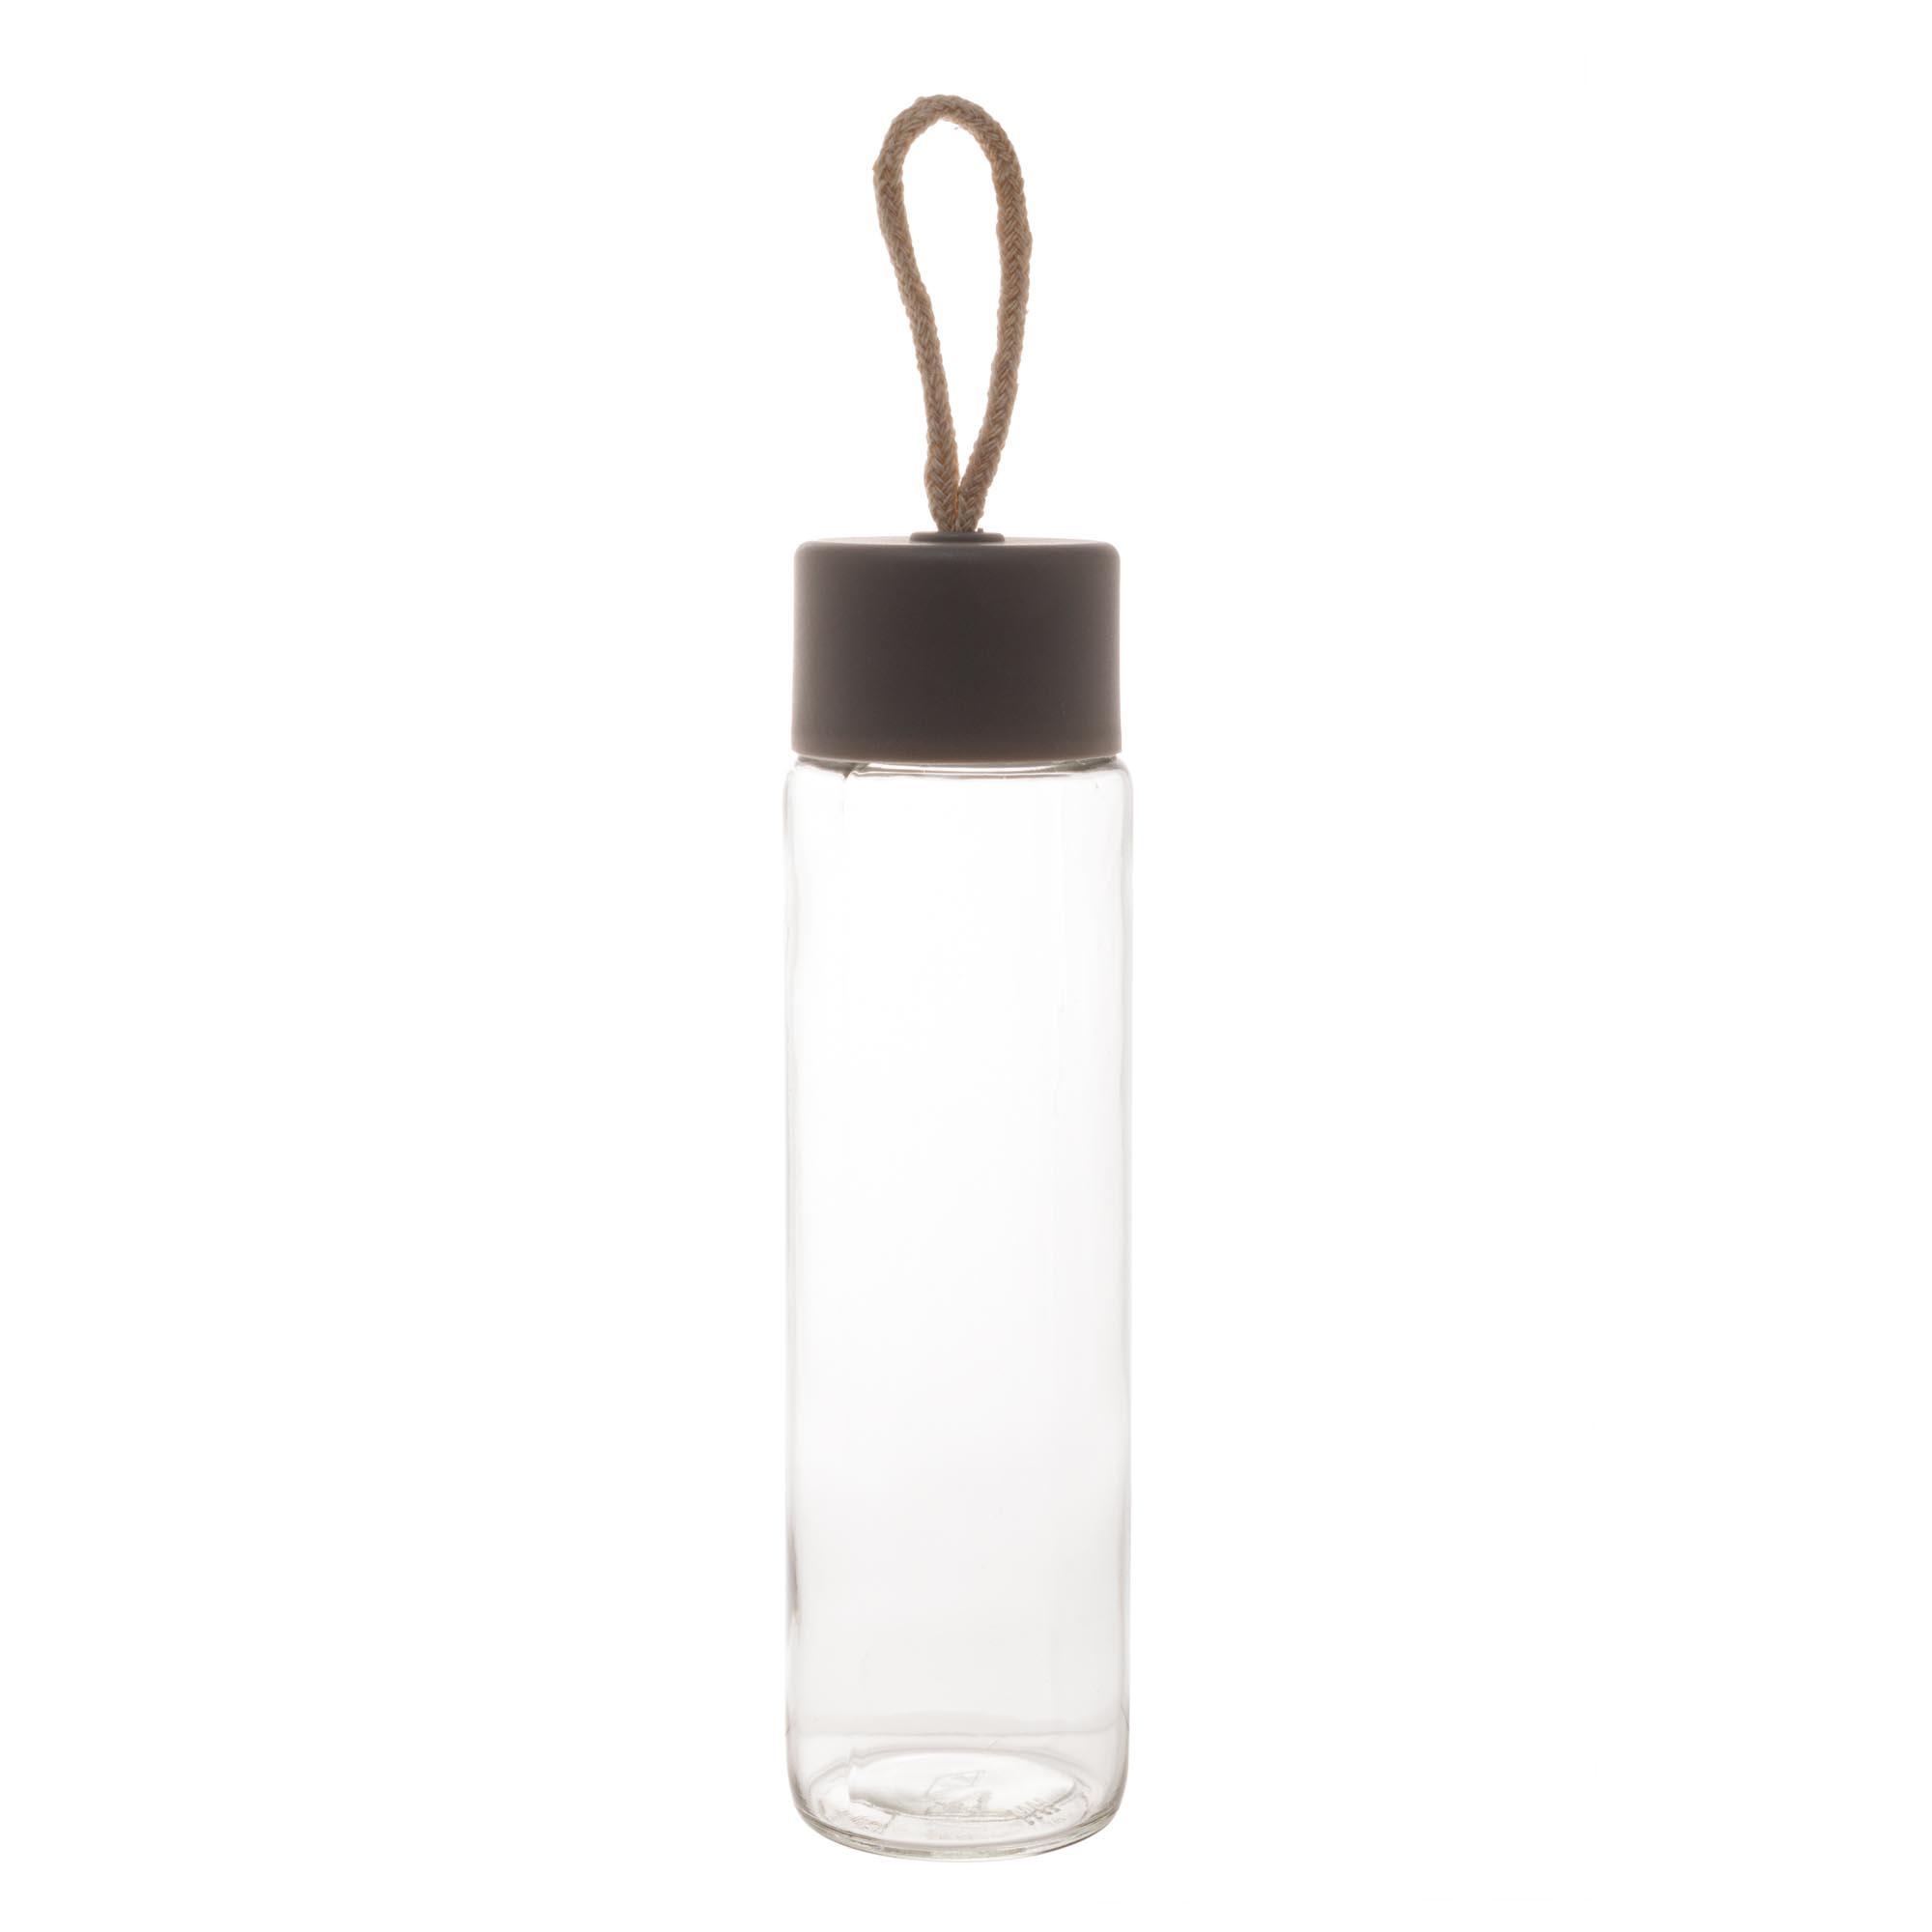 Garrafa de Vidro Cinza Sodo Cálcico Transparente 380ml Lyor  - Lemis